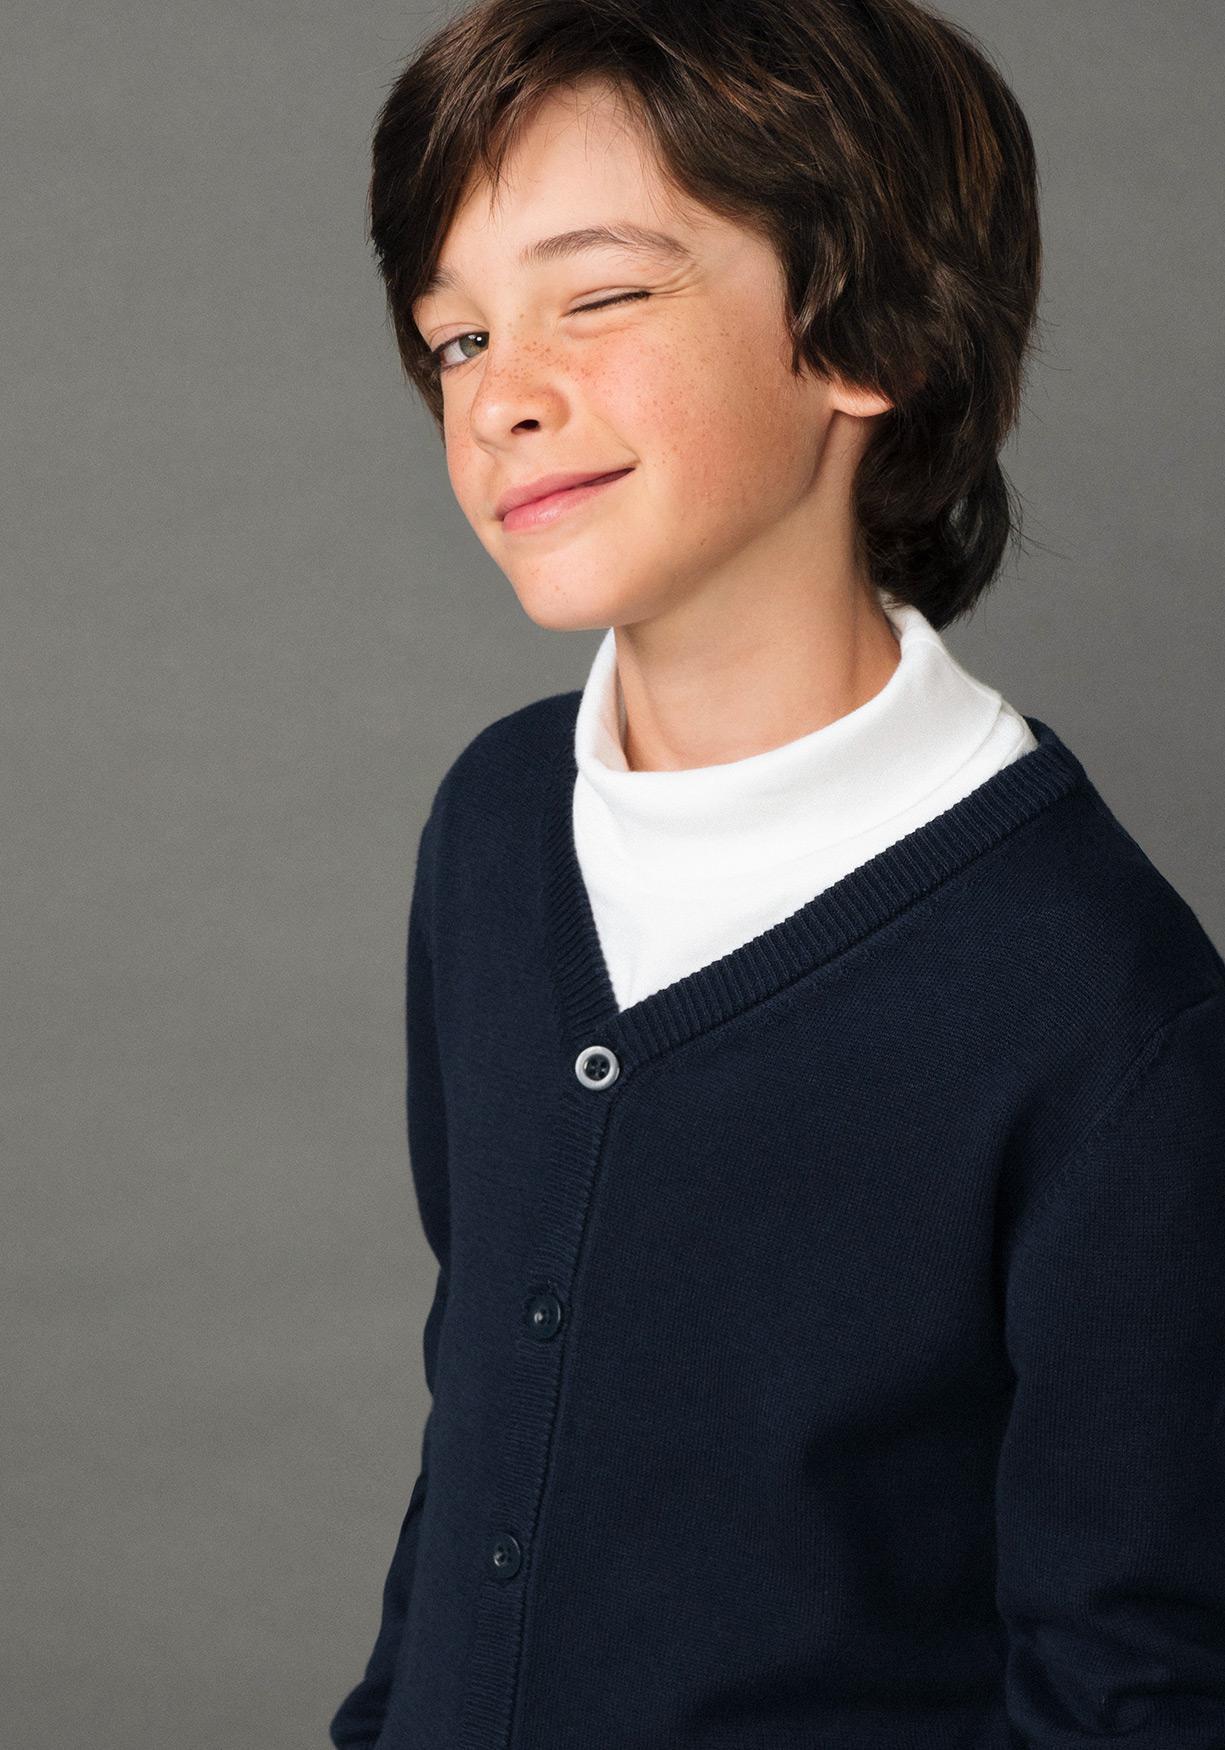 52cce9500844b Comprar Chaqueta de algodón unisex para uniforme (tallas 3 a 18 años ...